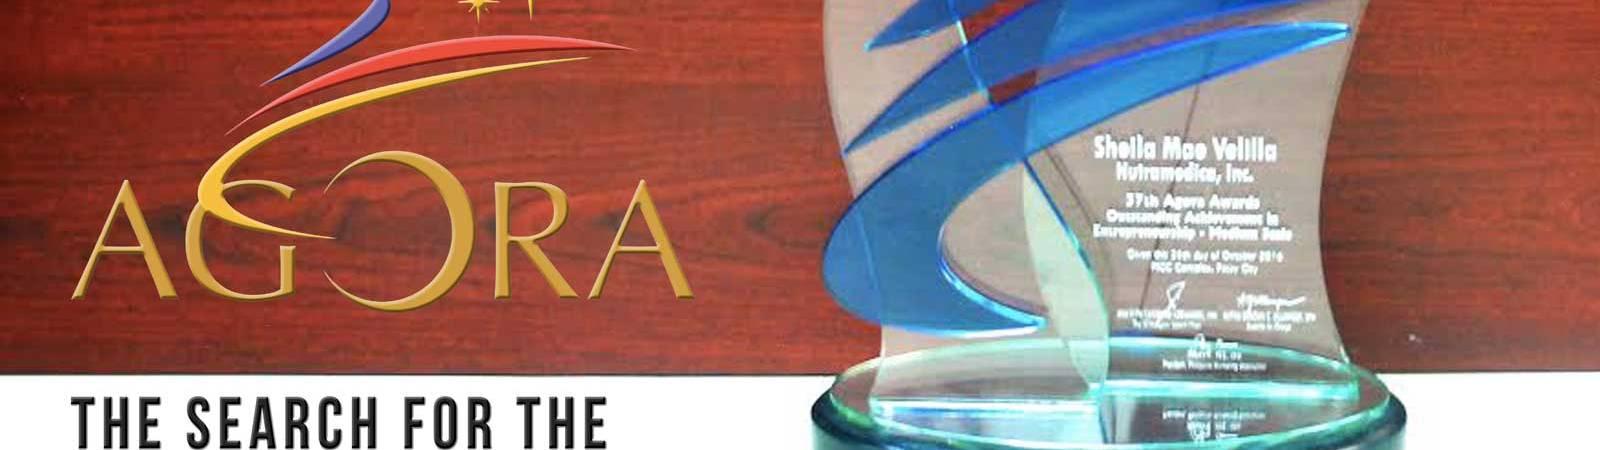 Agora Awards